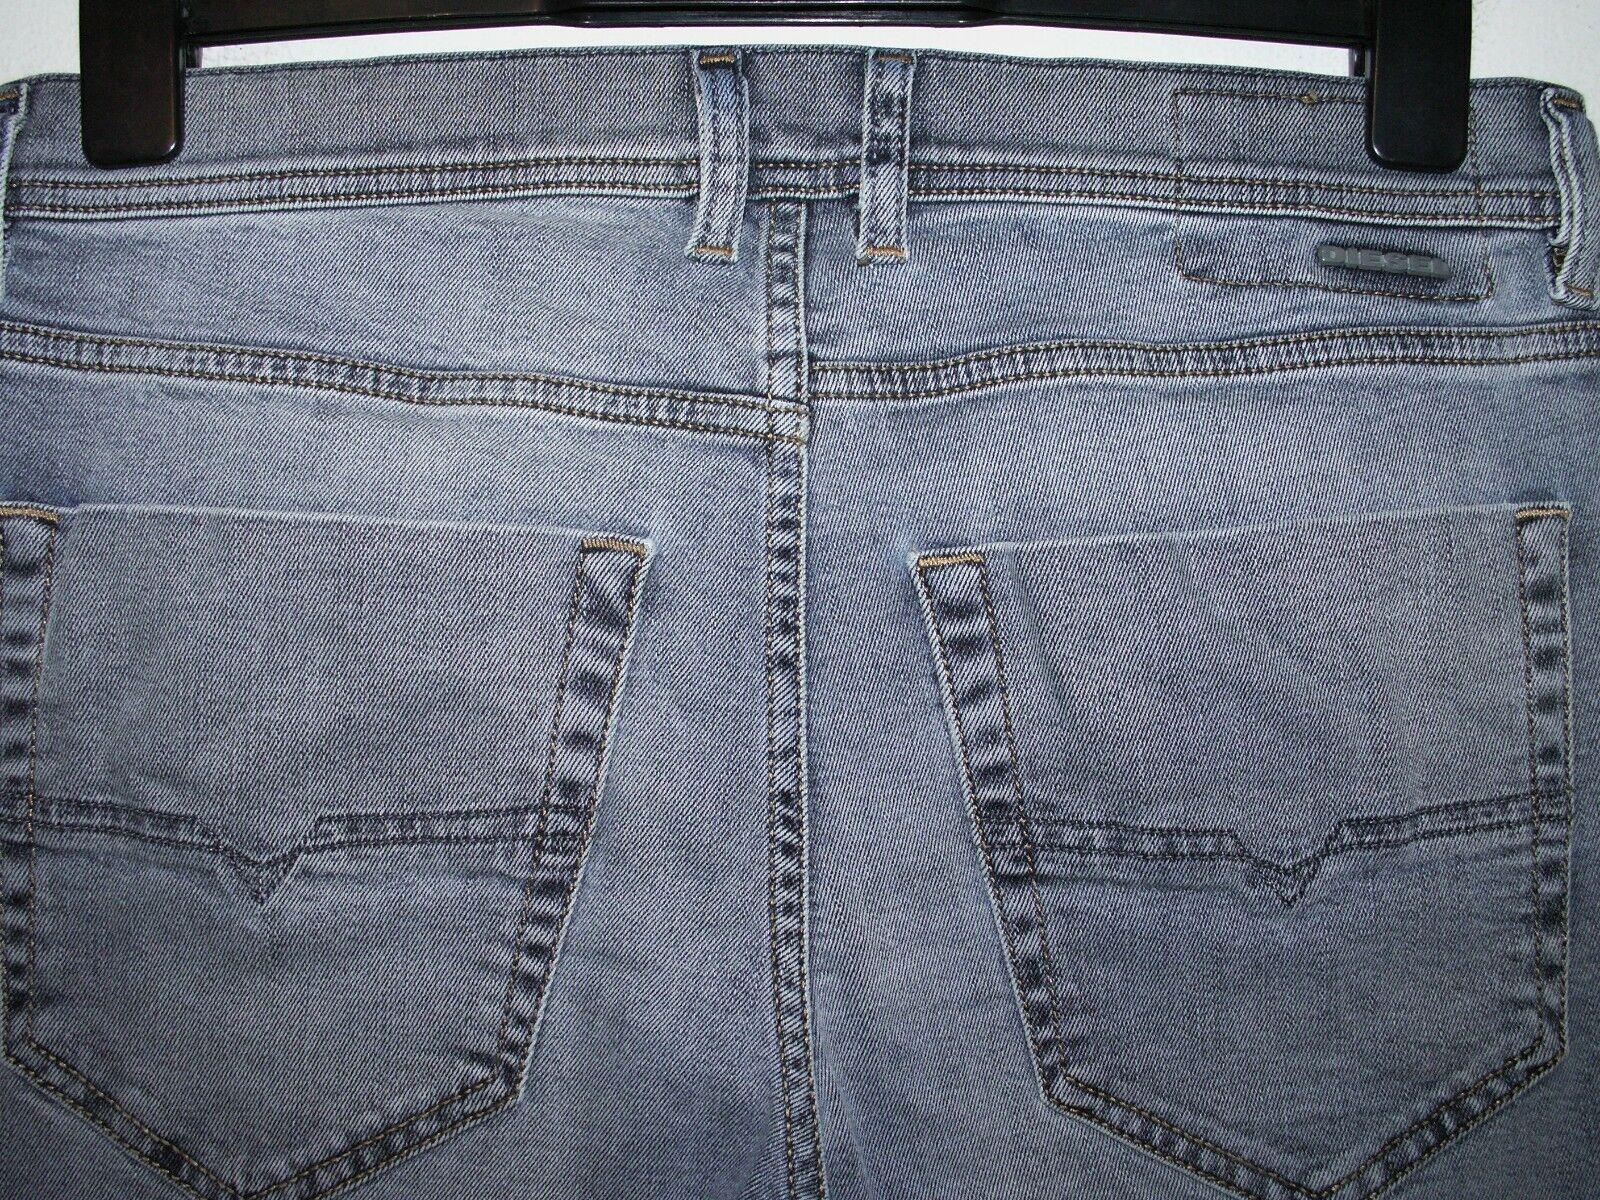 9333a0b8 Diesel tepphar slim-carred fit jeans wash stretch L32 (a4674) W31 084SJ  nnzglq4394-Jeans